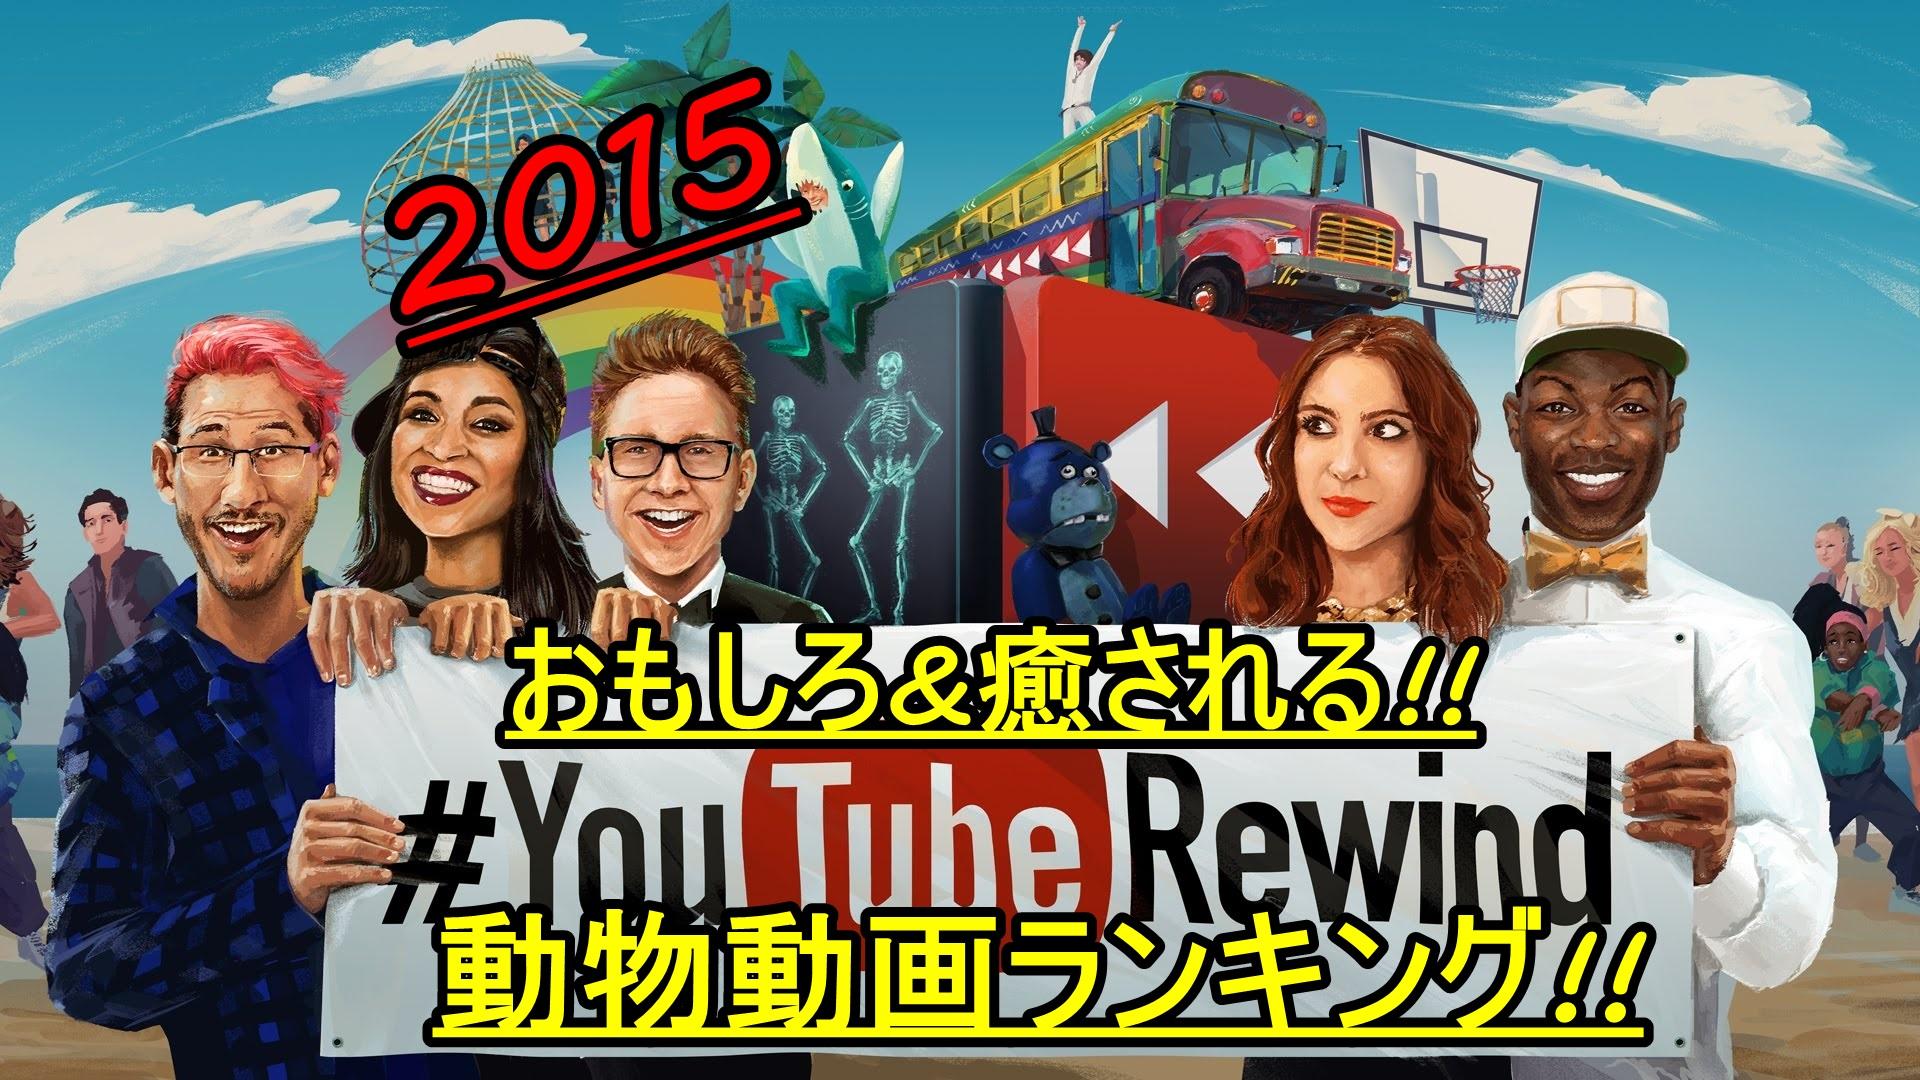 2015年おもしろ&癒し系YouTube動物動画ランキングTOP20!